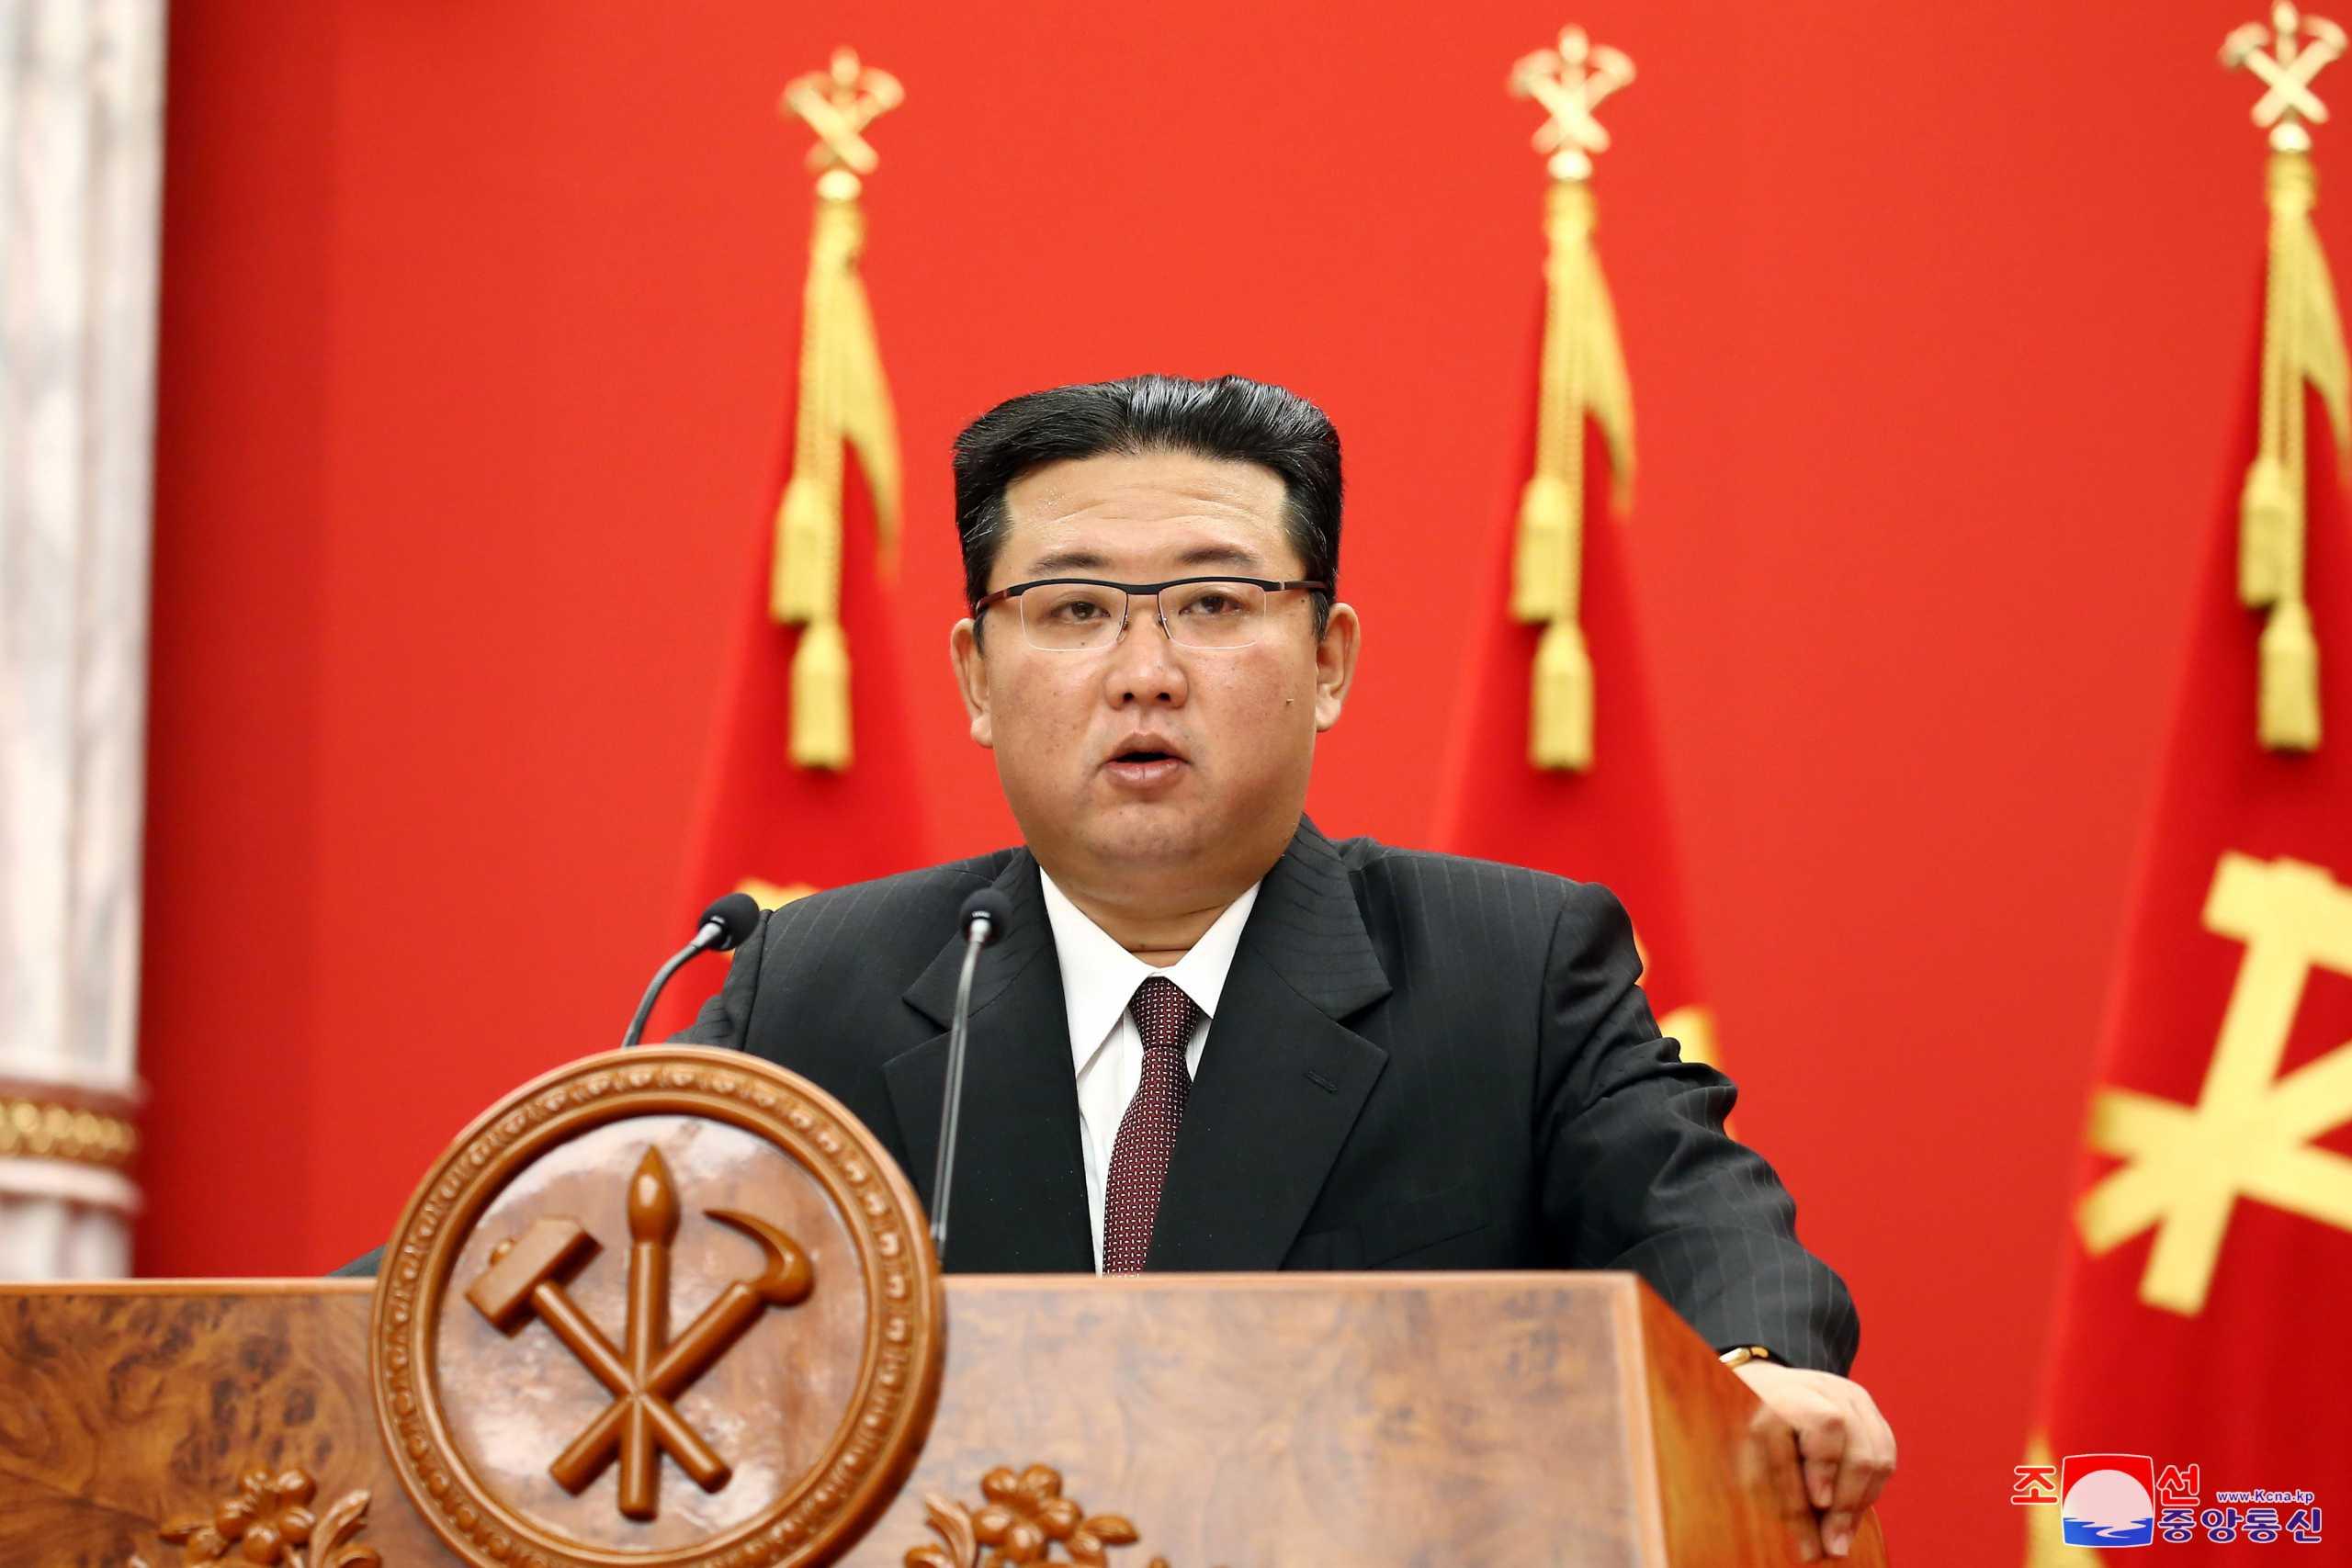 Βόρεια Κορέα: Ανώτερος αξιωματικός αυτομόλησε και «λύνει» τη σιωπή του - Οι αποκαλύψεις για όπλα, ναρκωτικά